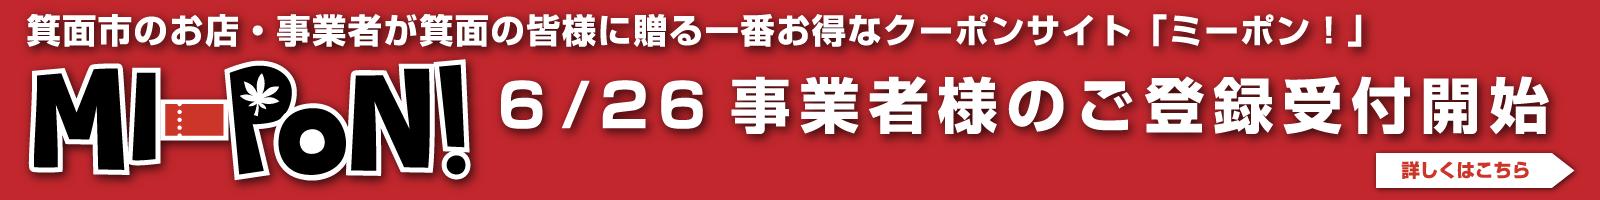 箕面のお得なクーポンサイト「ミーポン!」